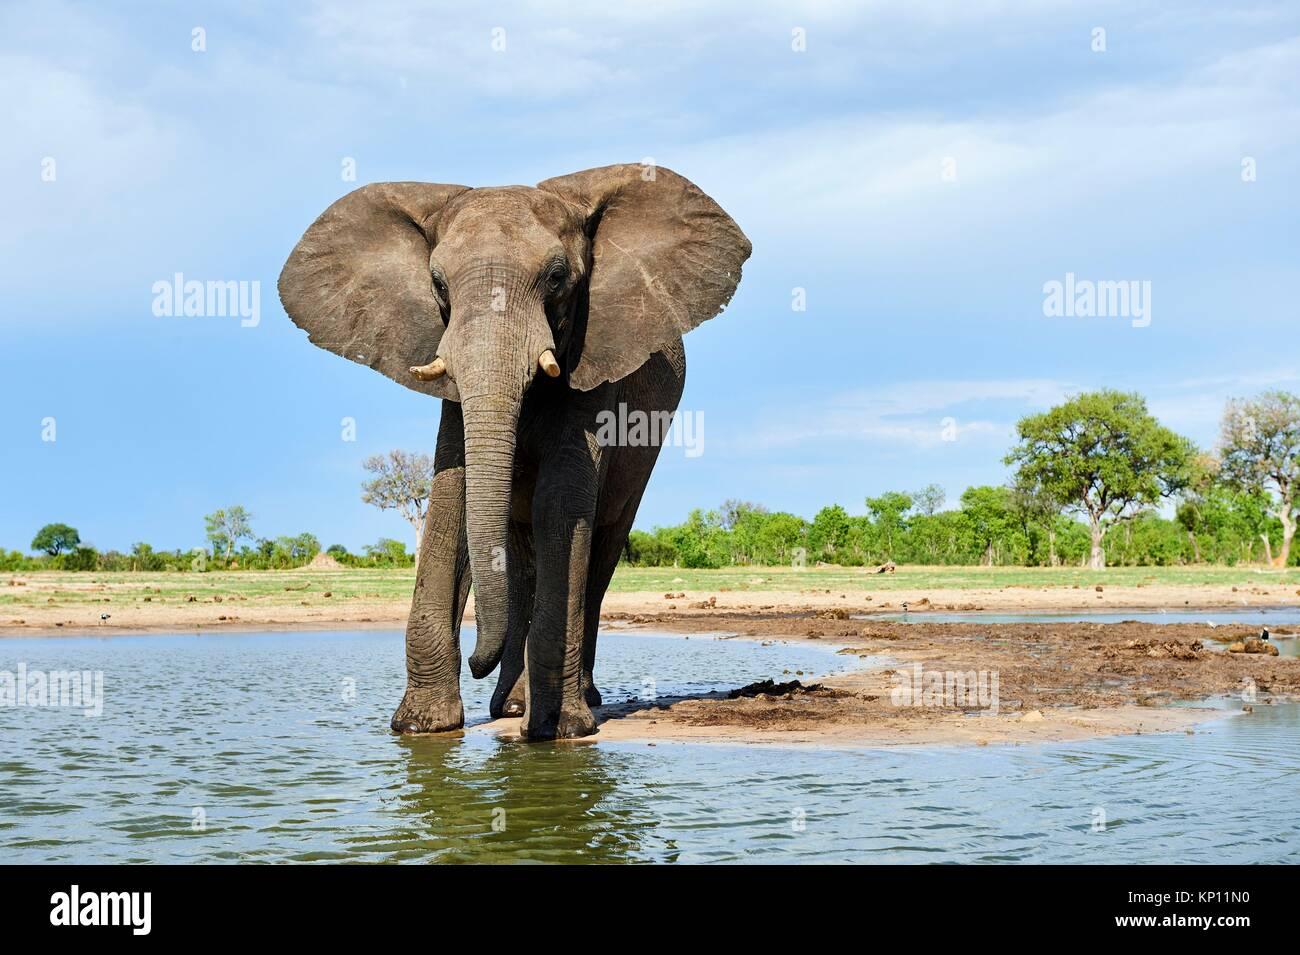 Elefante africano (Loxodonta africana), bebiendo en una watehole. El Parque Nacional de Hwange (Zimbabwe). Imagen De Stock